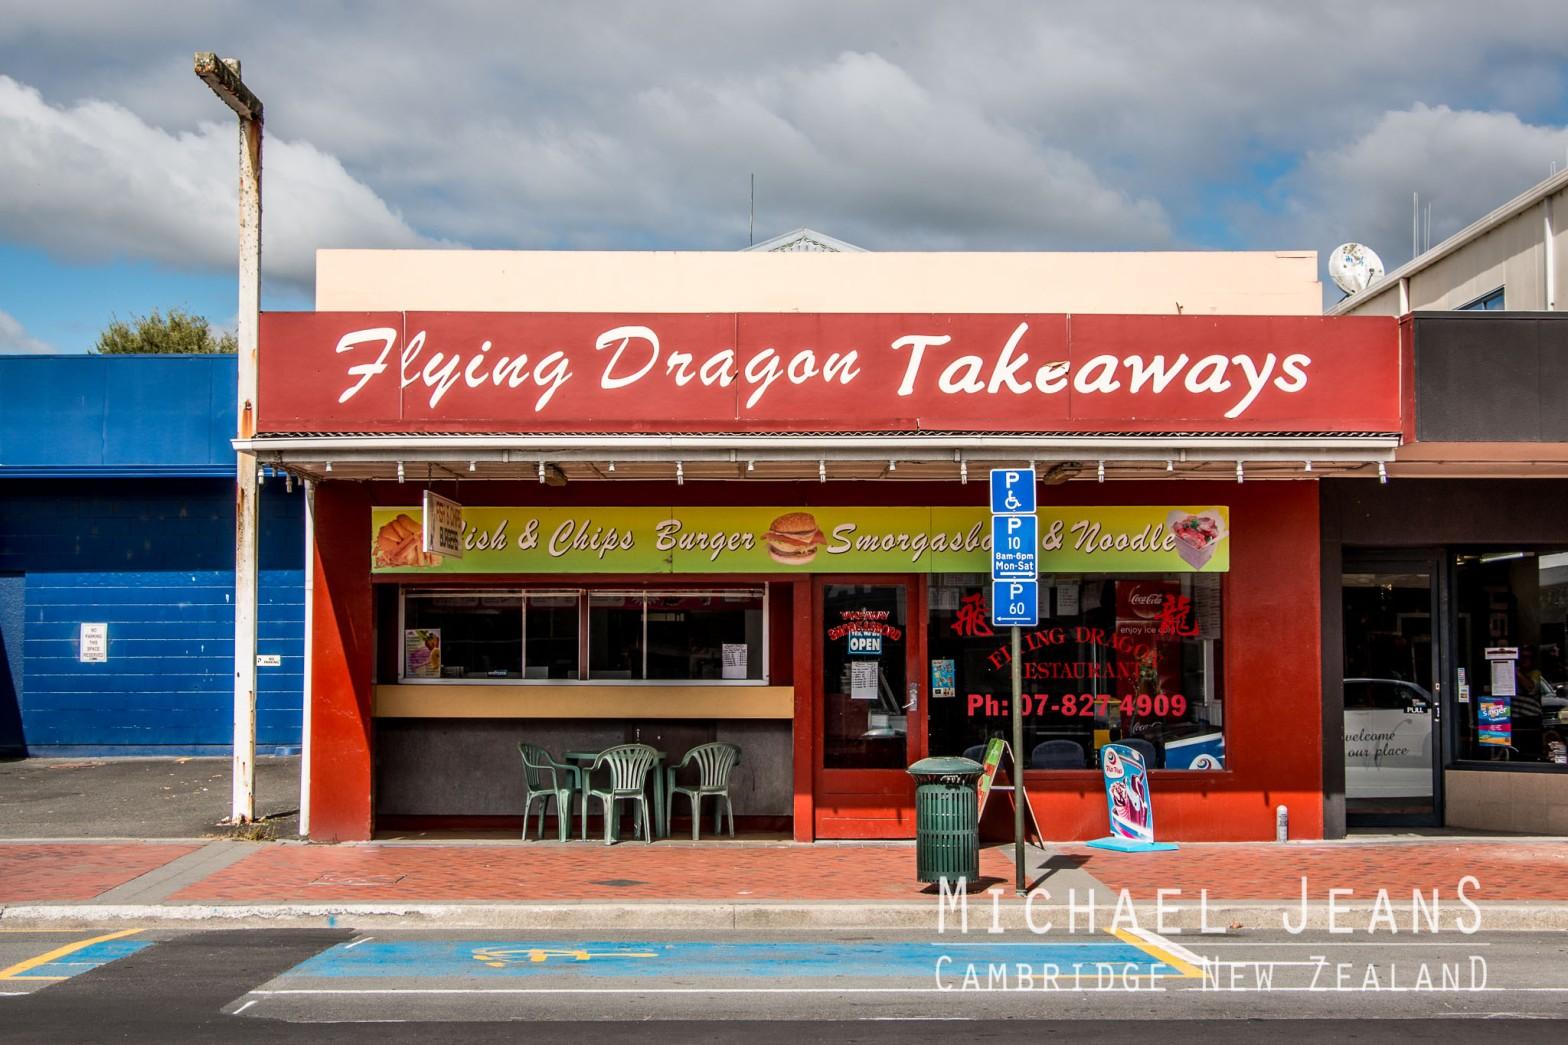 Flying Dragon Takeaways 83 Duke Street Cambridge New Zealand